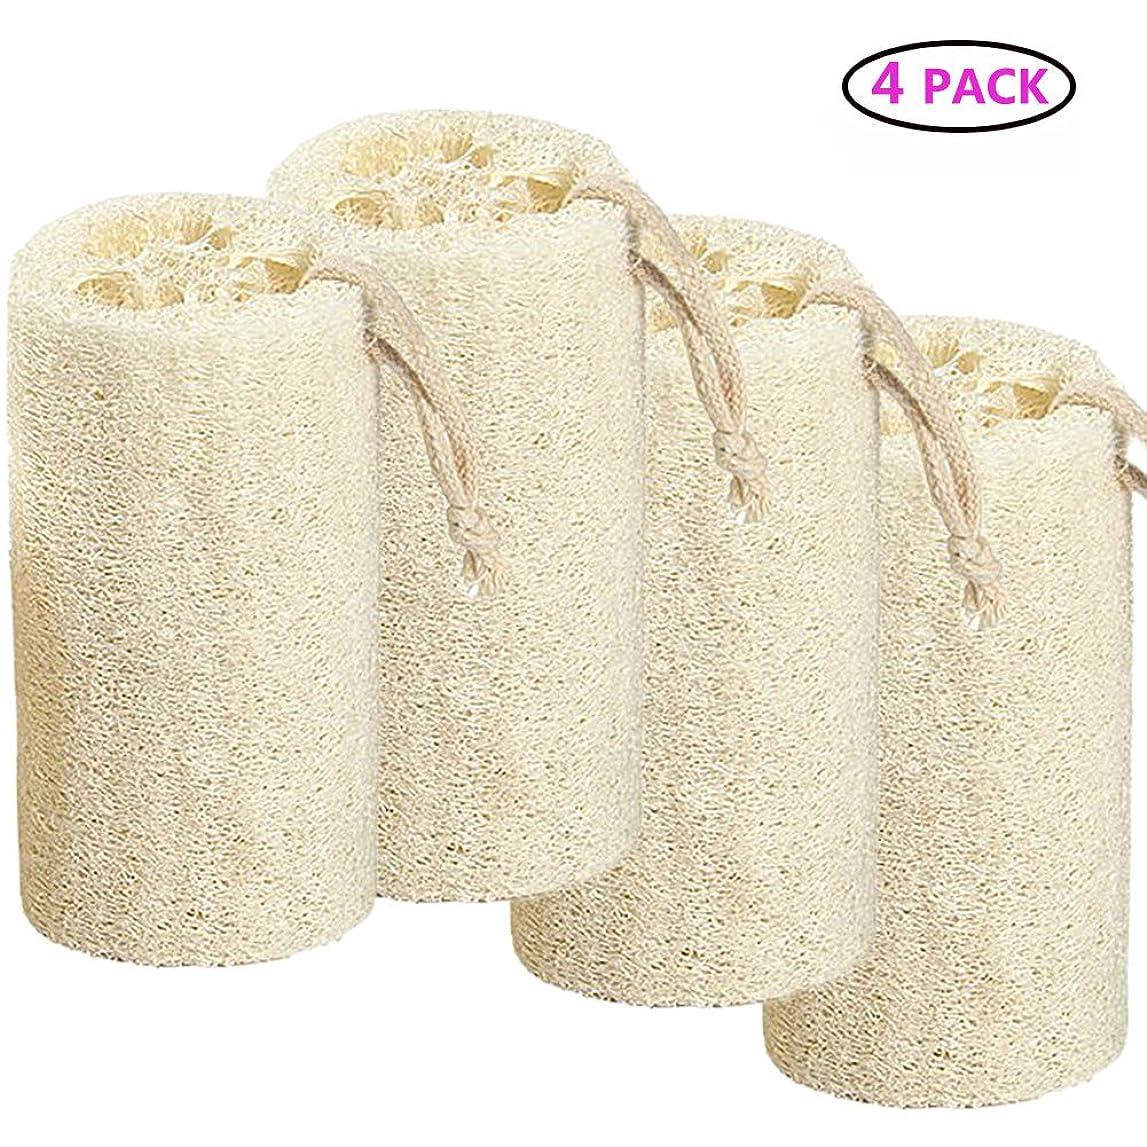 ボスグレートバリアリーフお客様Natural Loofah バスボディスポンジバスルームシャワーエクスフォレイティングスクラバーブラシボディスパマッサージャー 10cm (4 pack)